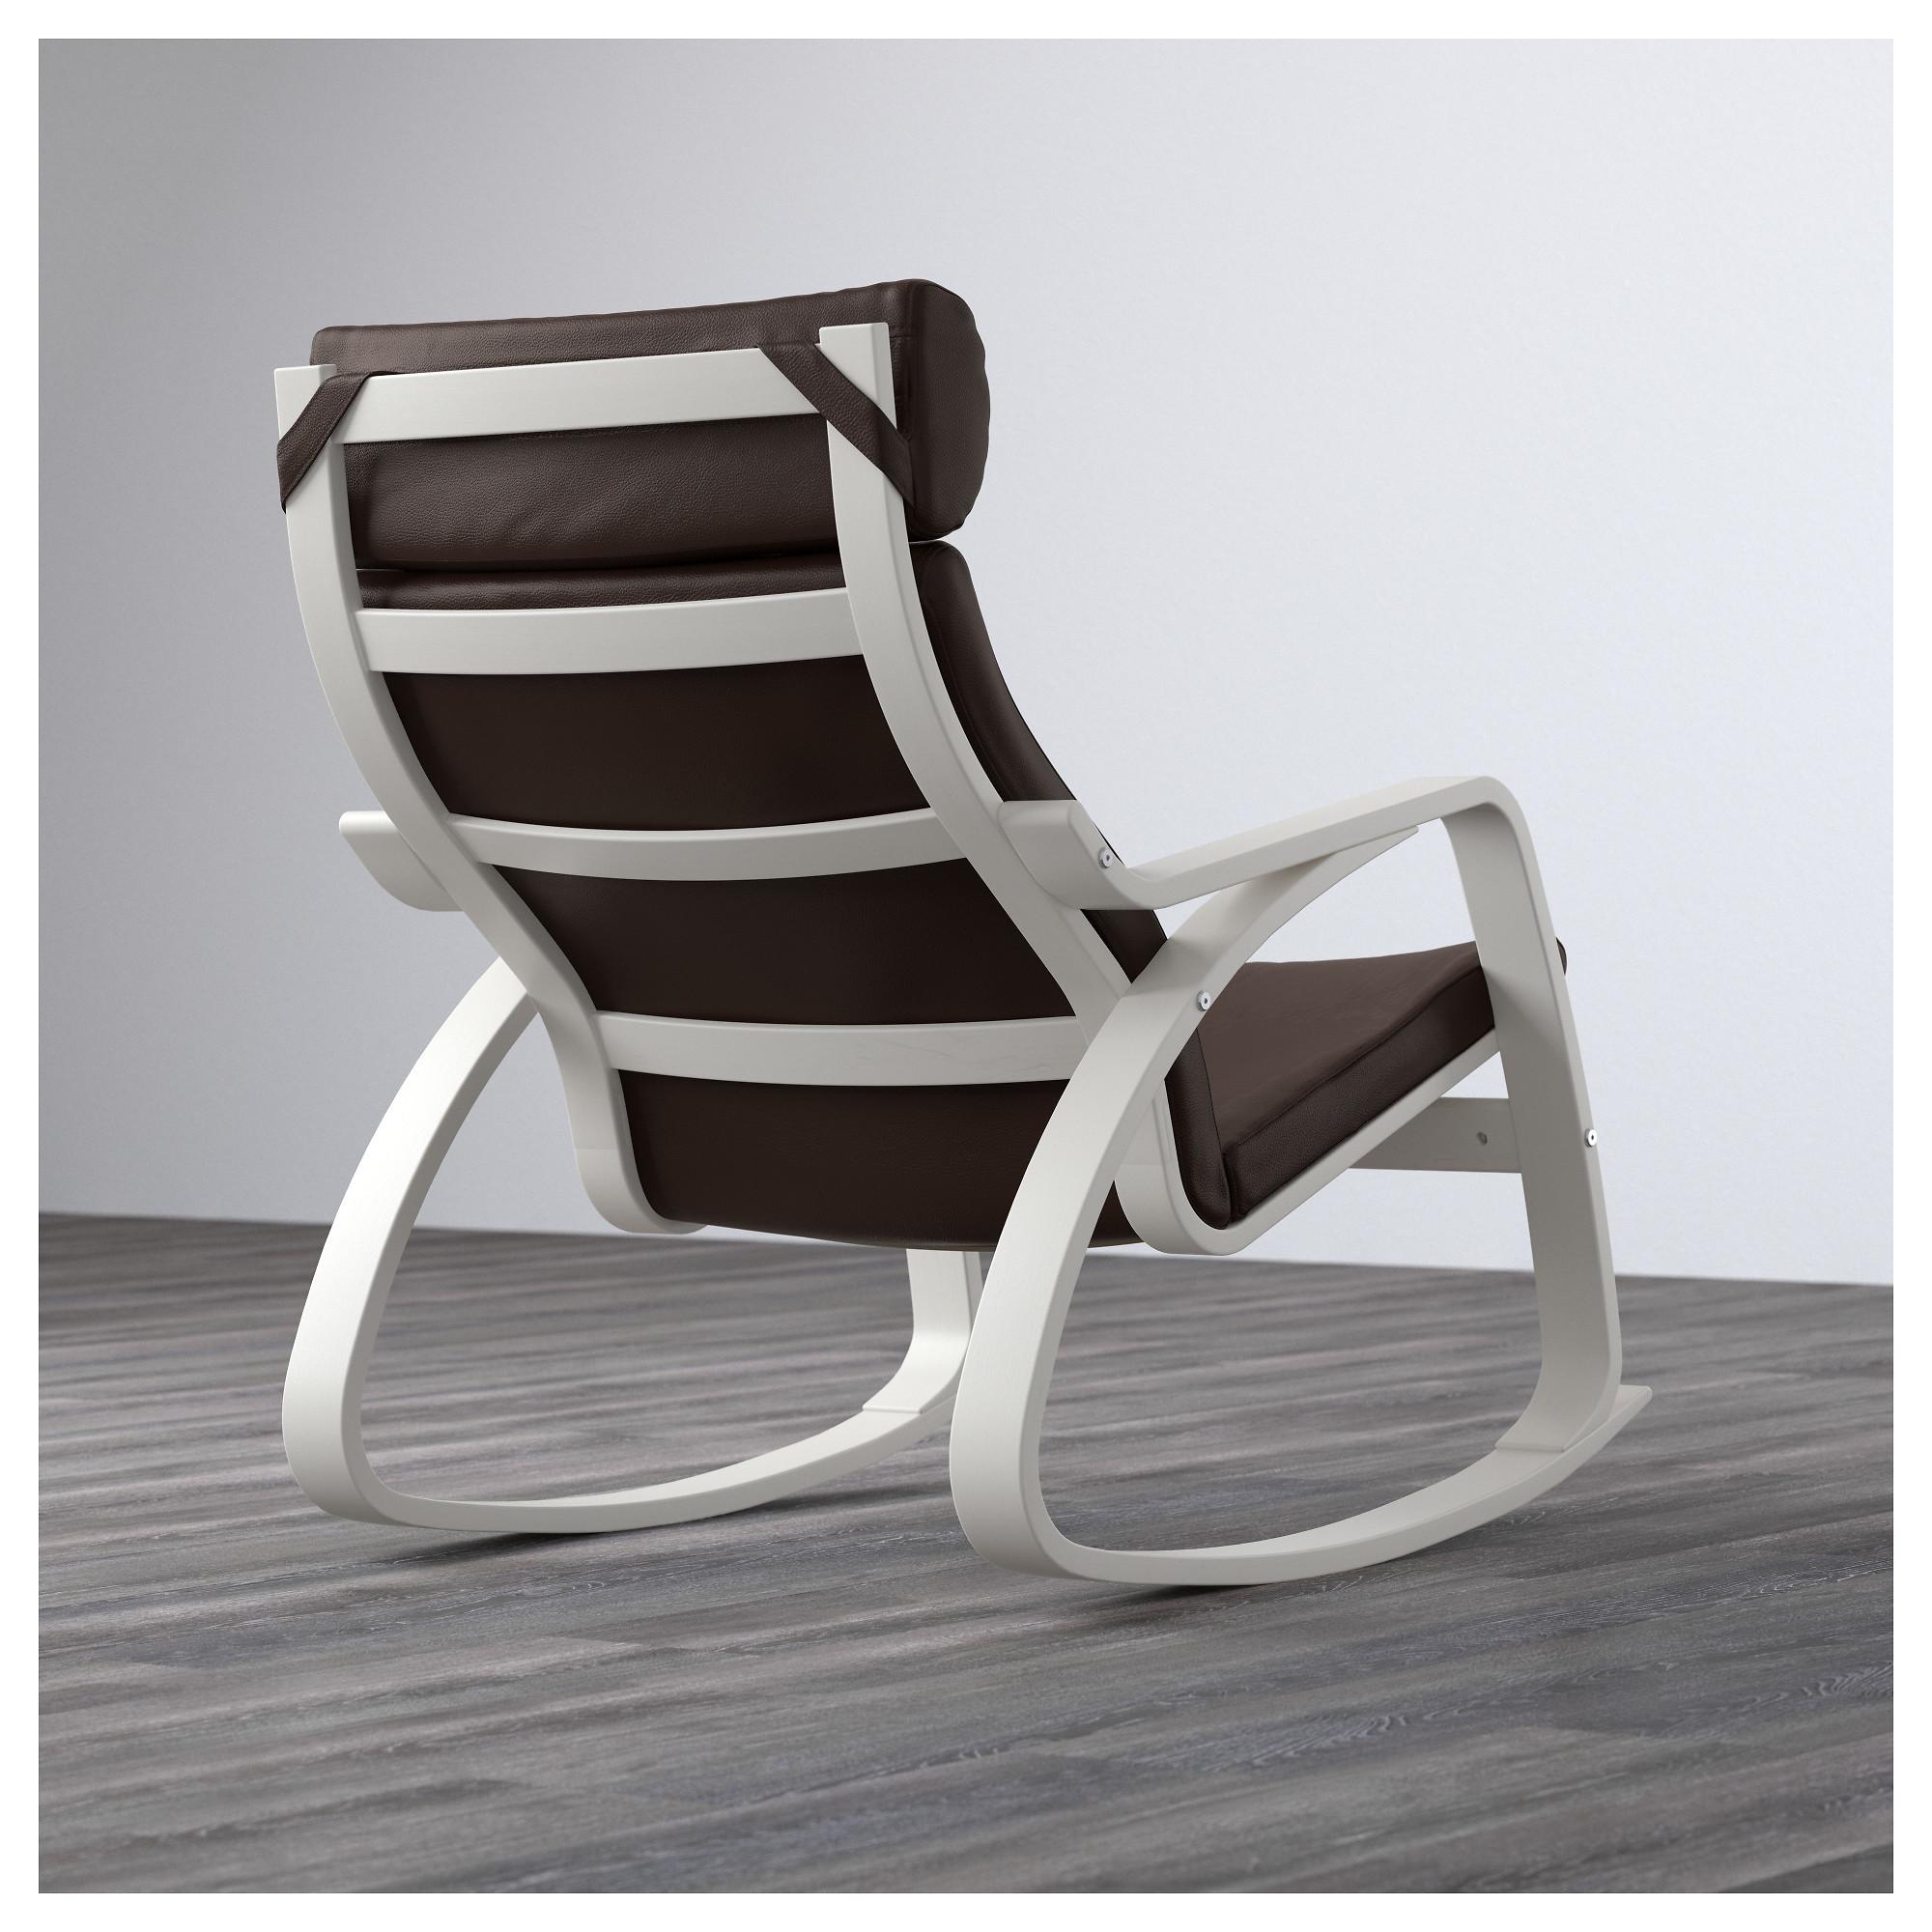 Кресло-качалка ПОЭНГ темно-коричневый артикуль № 292.816.98 в наличии. Онлайн магазин ИКЕА Беларусь. Быстрая доставка и установка.